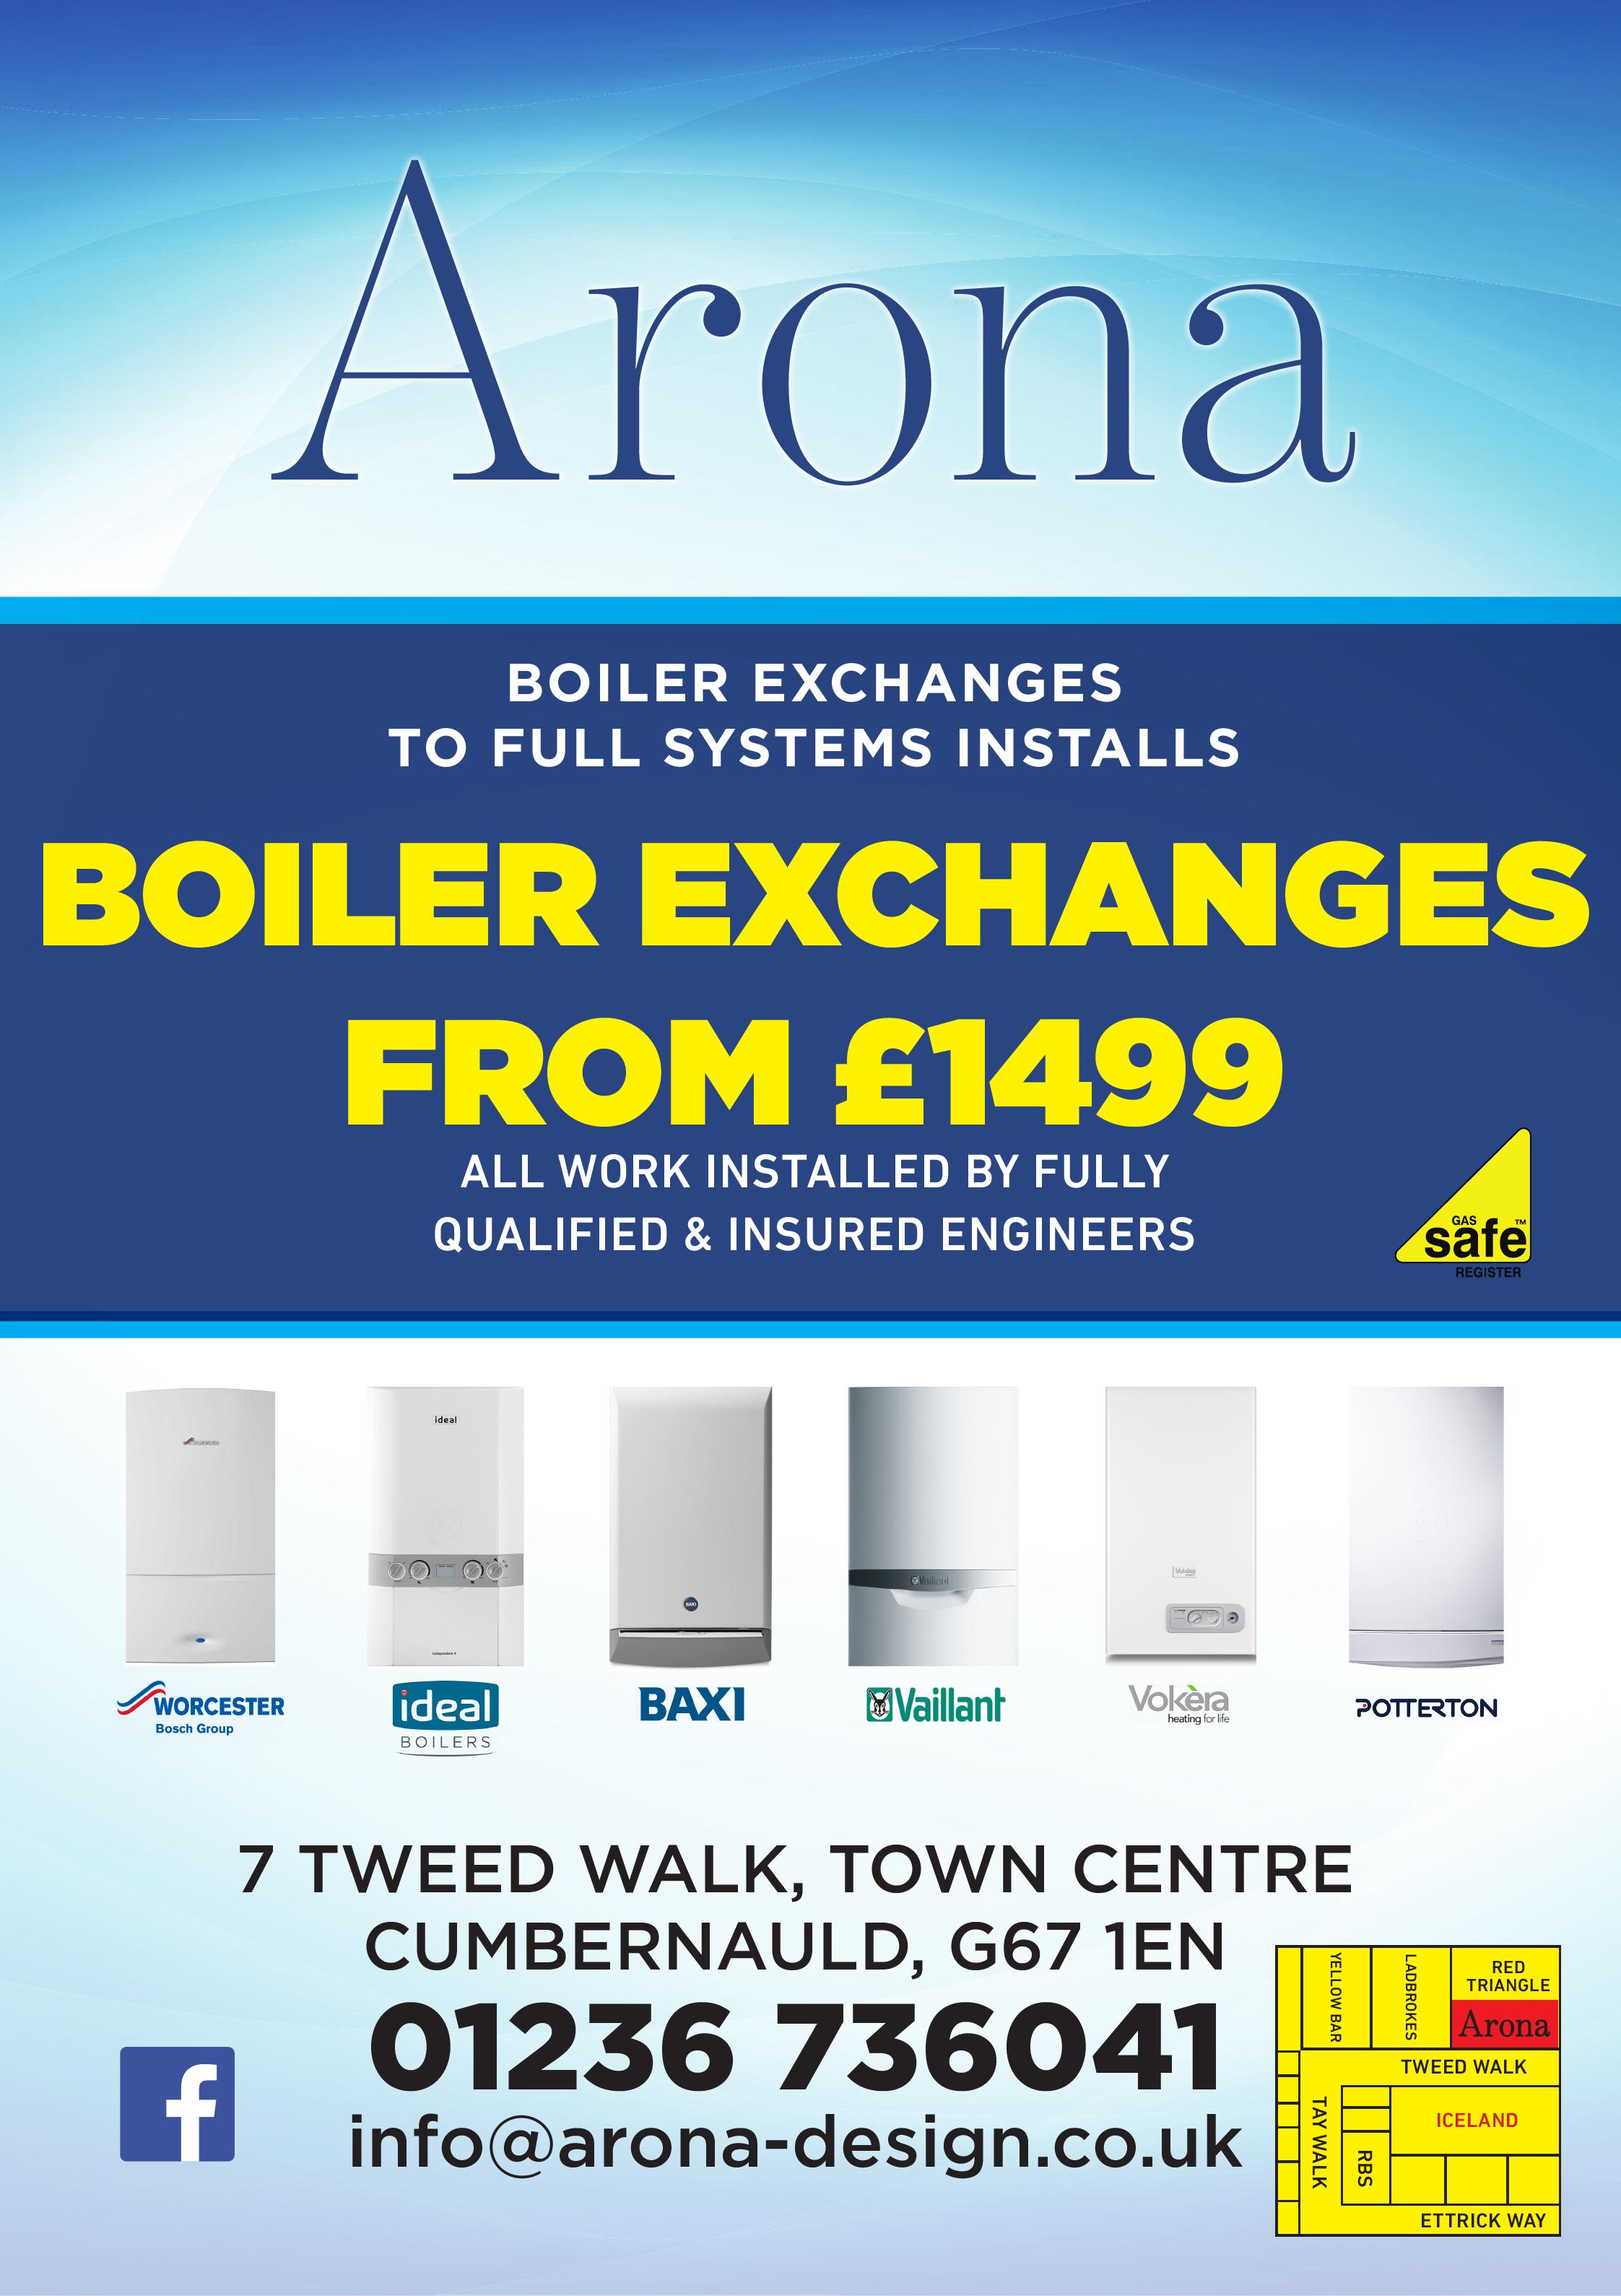 Arona A1 boiler poster 2